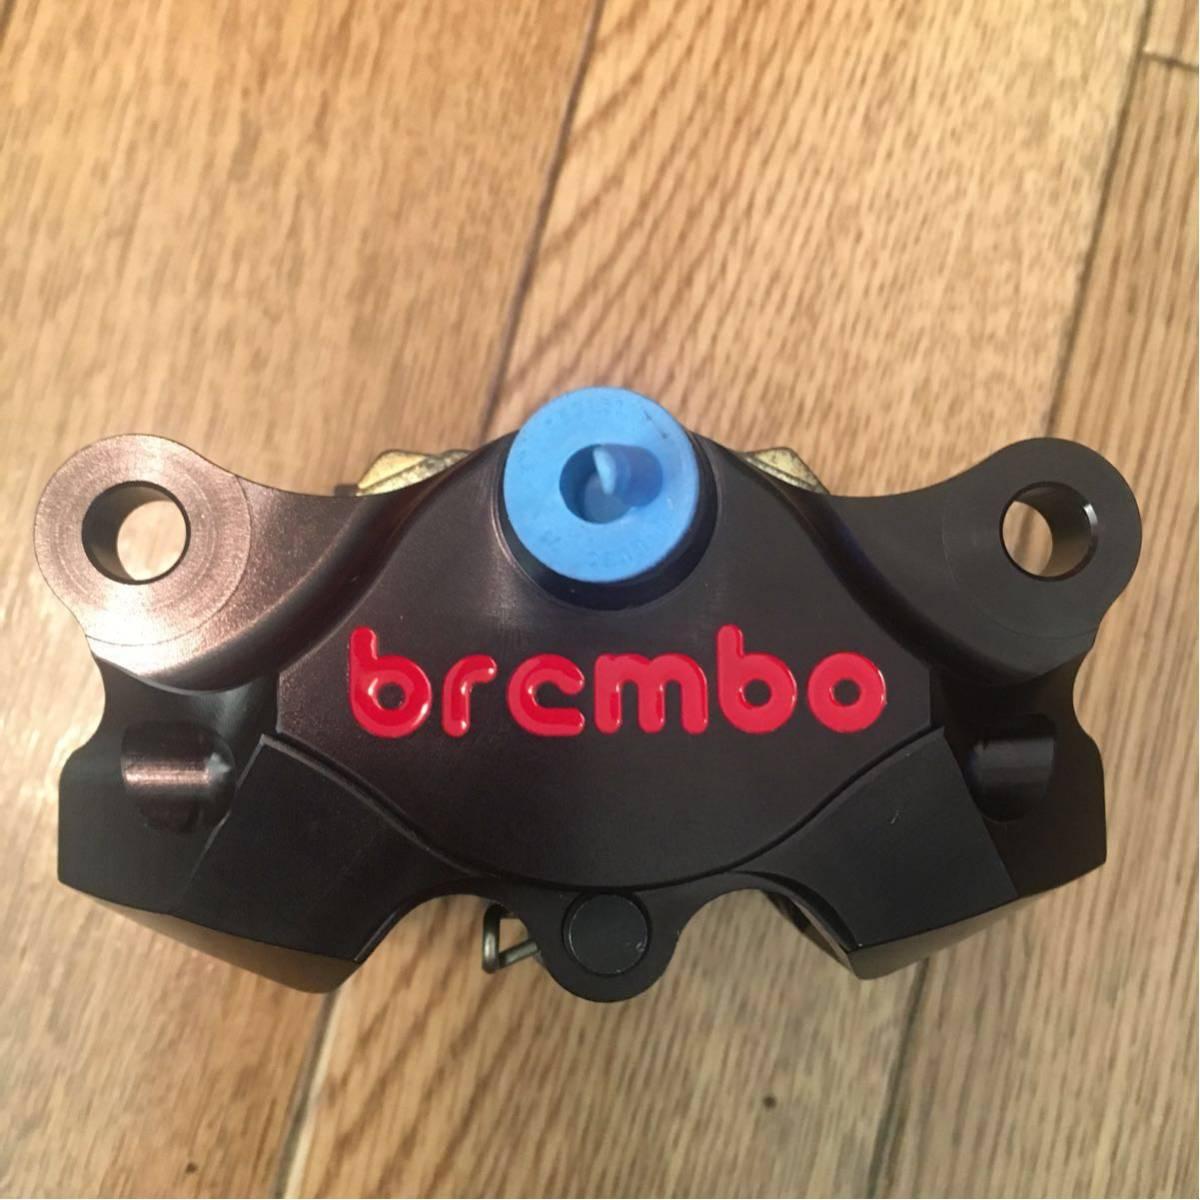 Brembo ブレンボ CNCリアブレーキキャリパーキット P2 84mm ブラック ブレンボジャパン正規品